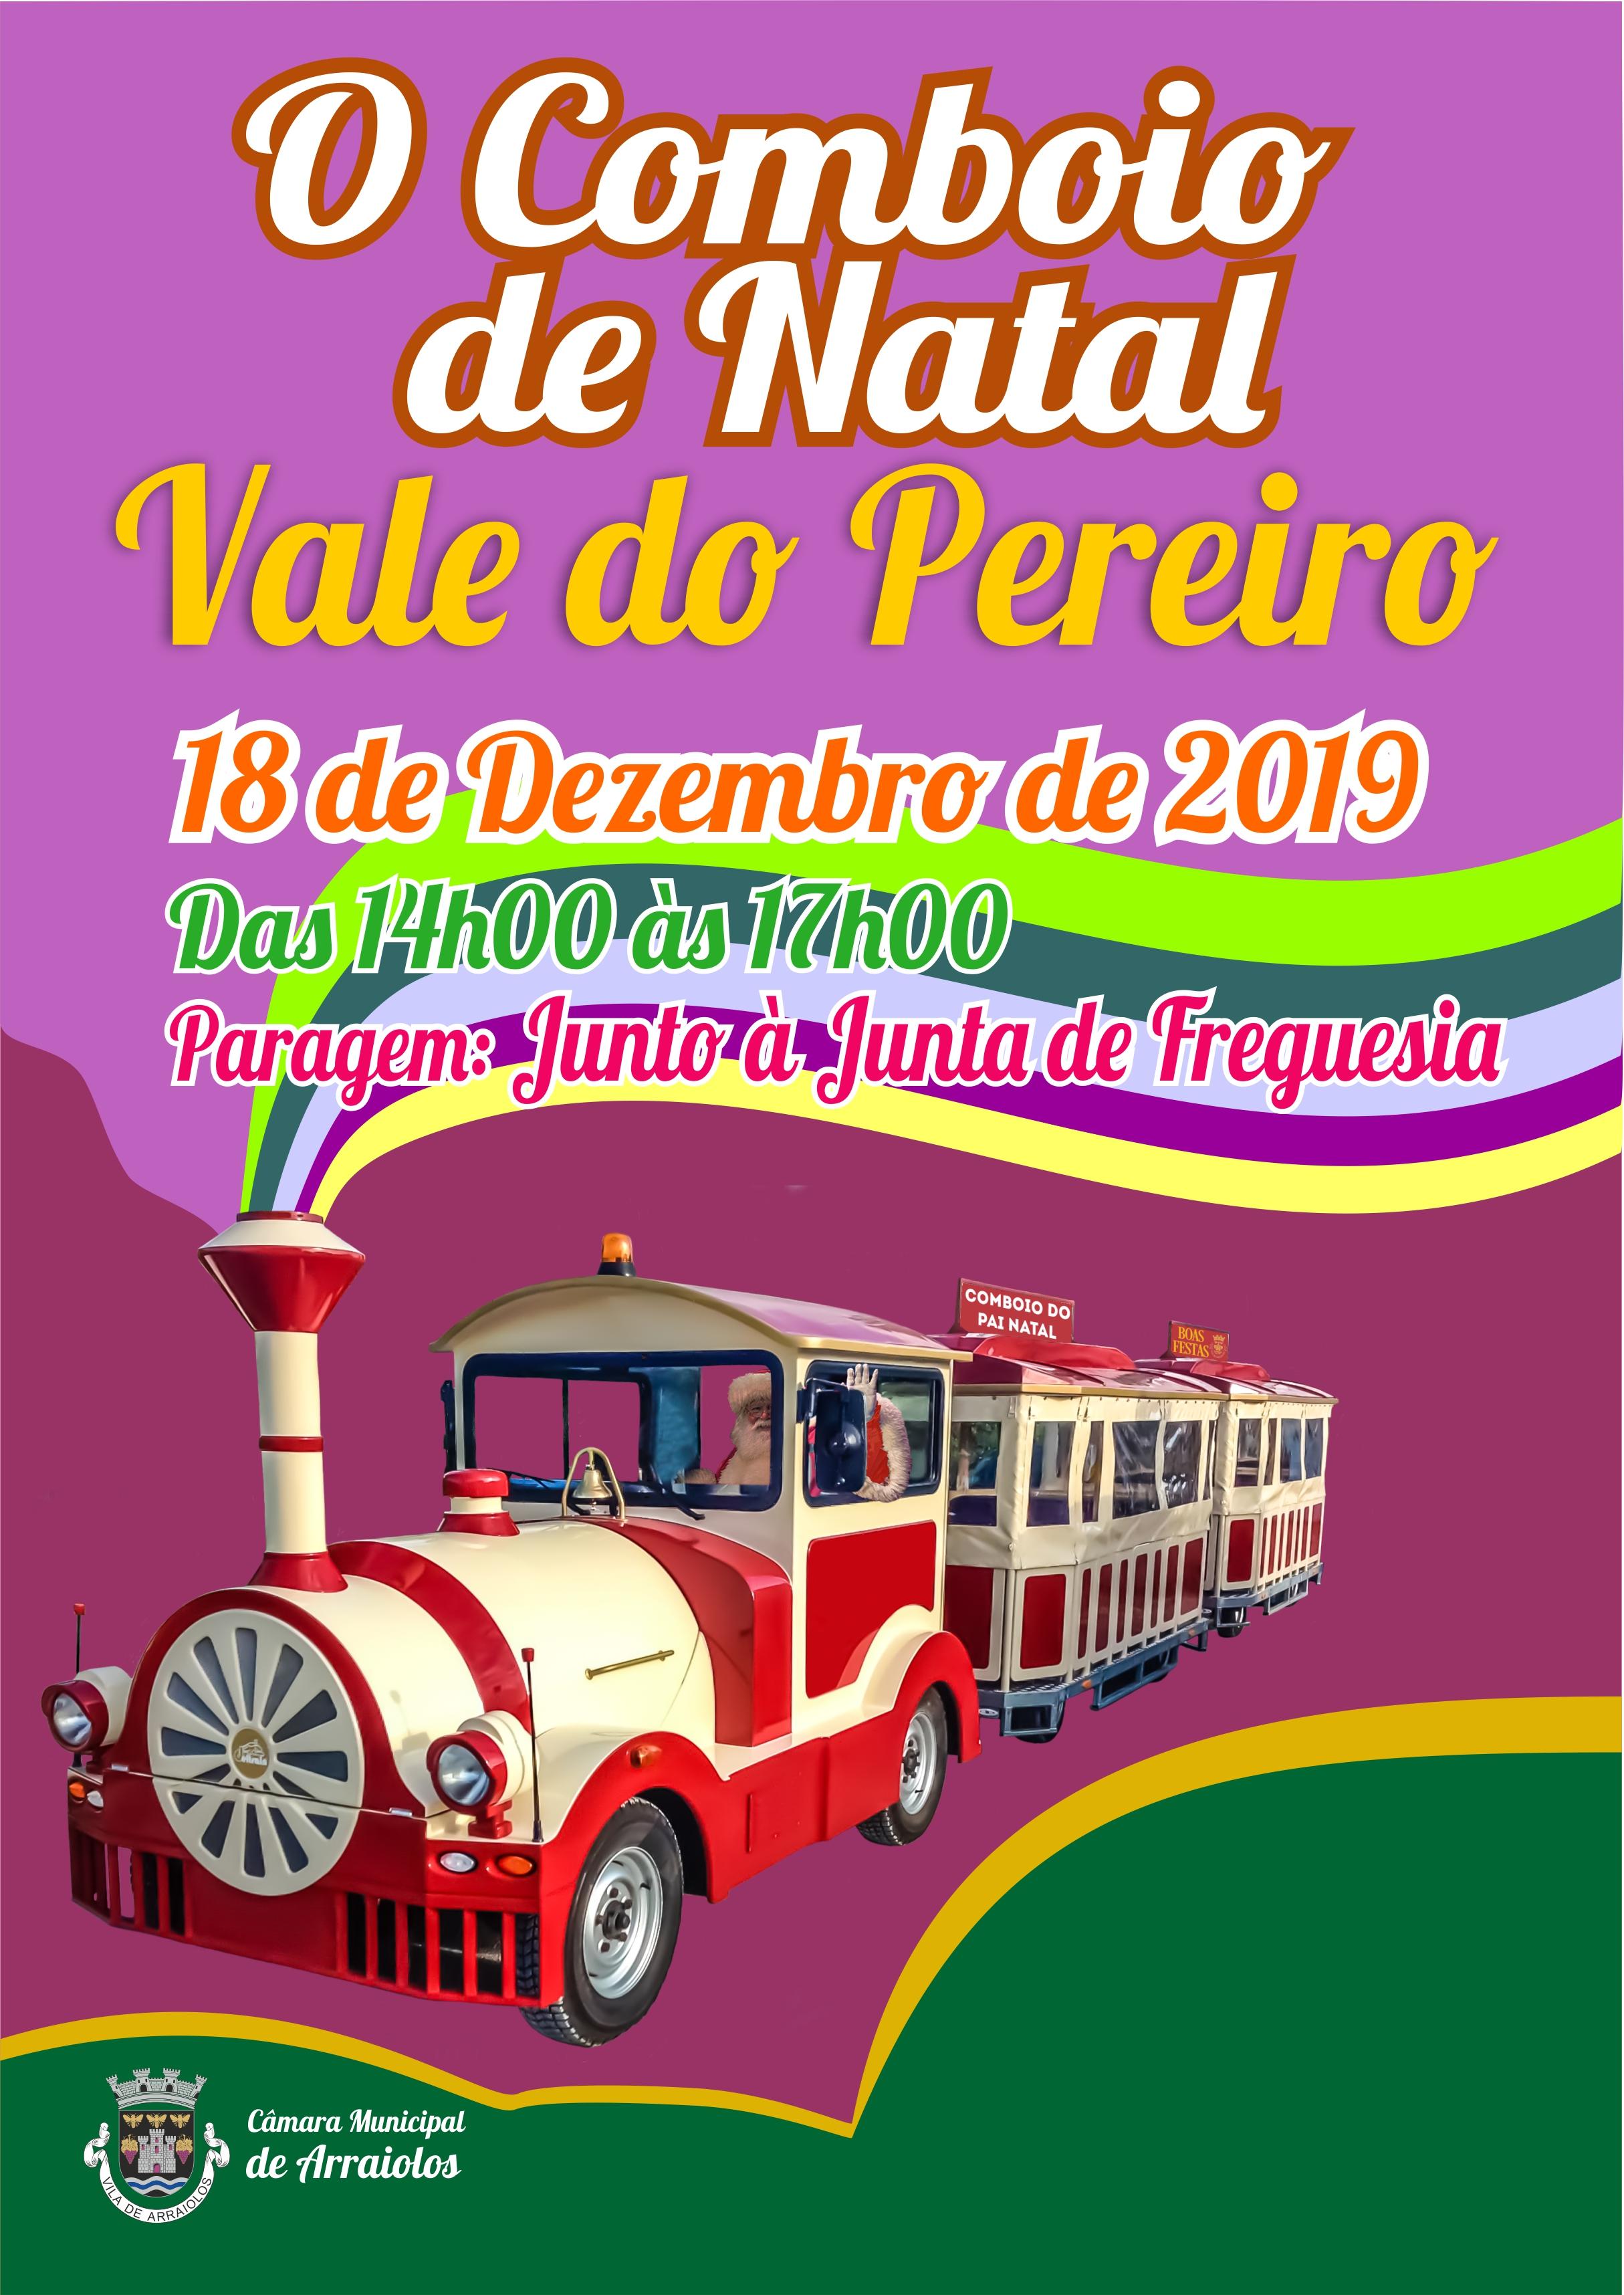 Comboio de Natal V_Pereiro.jpg